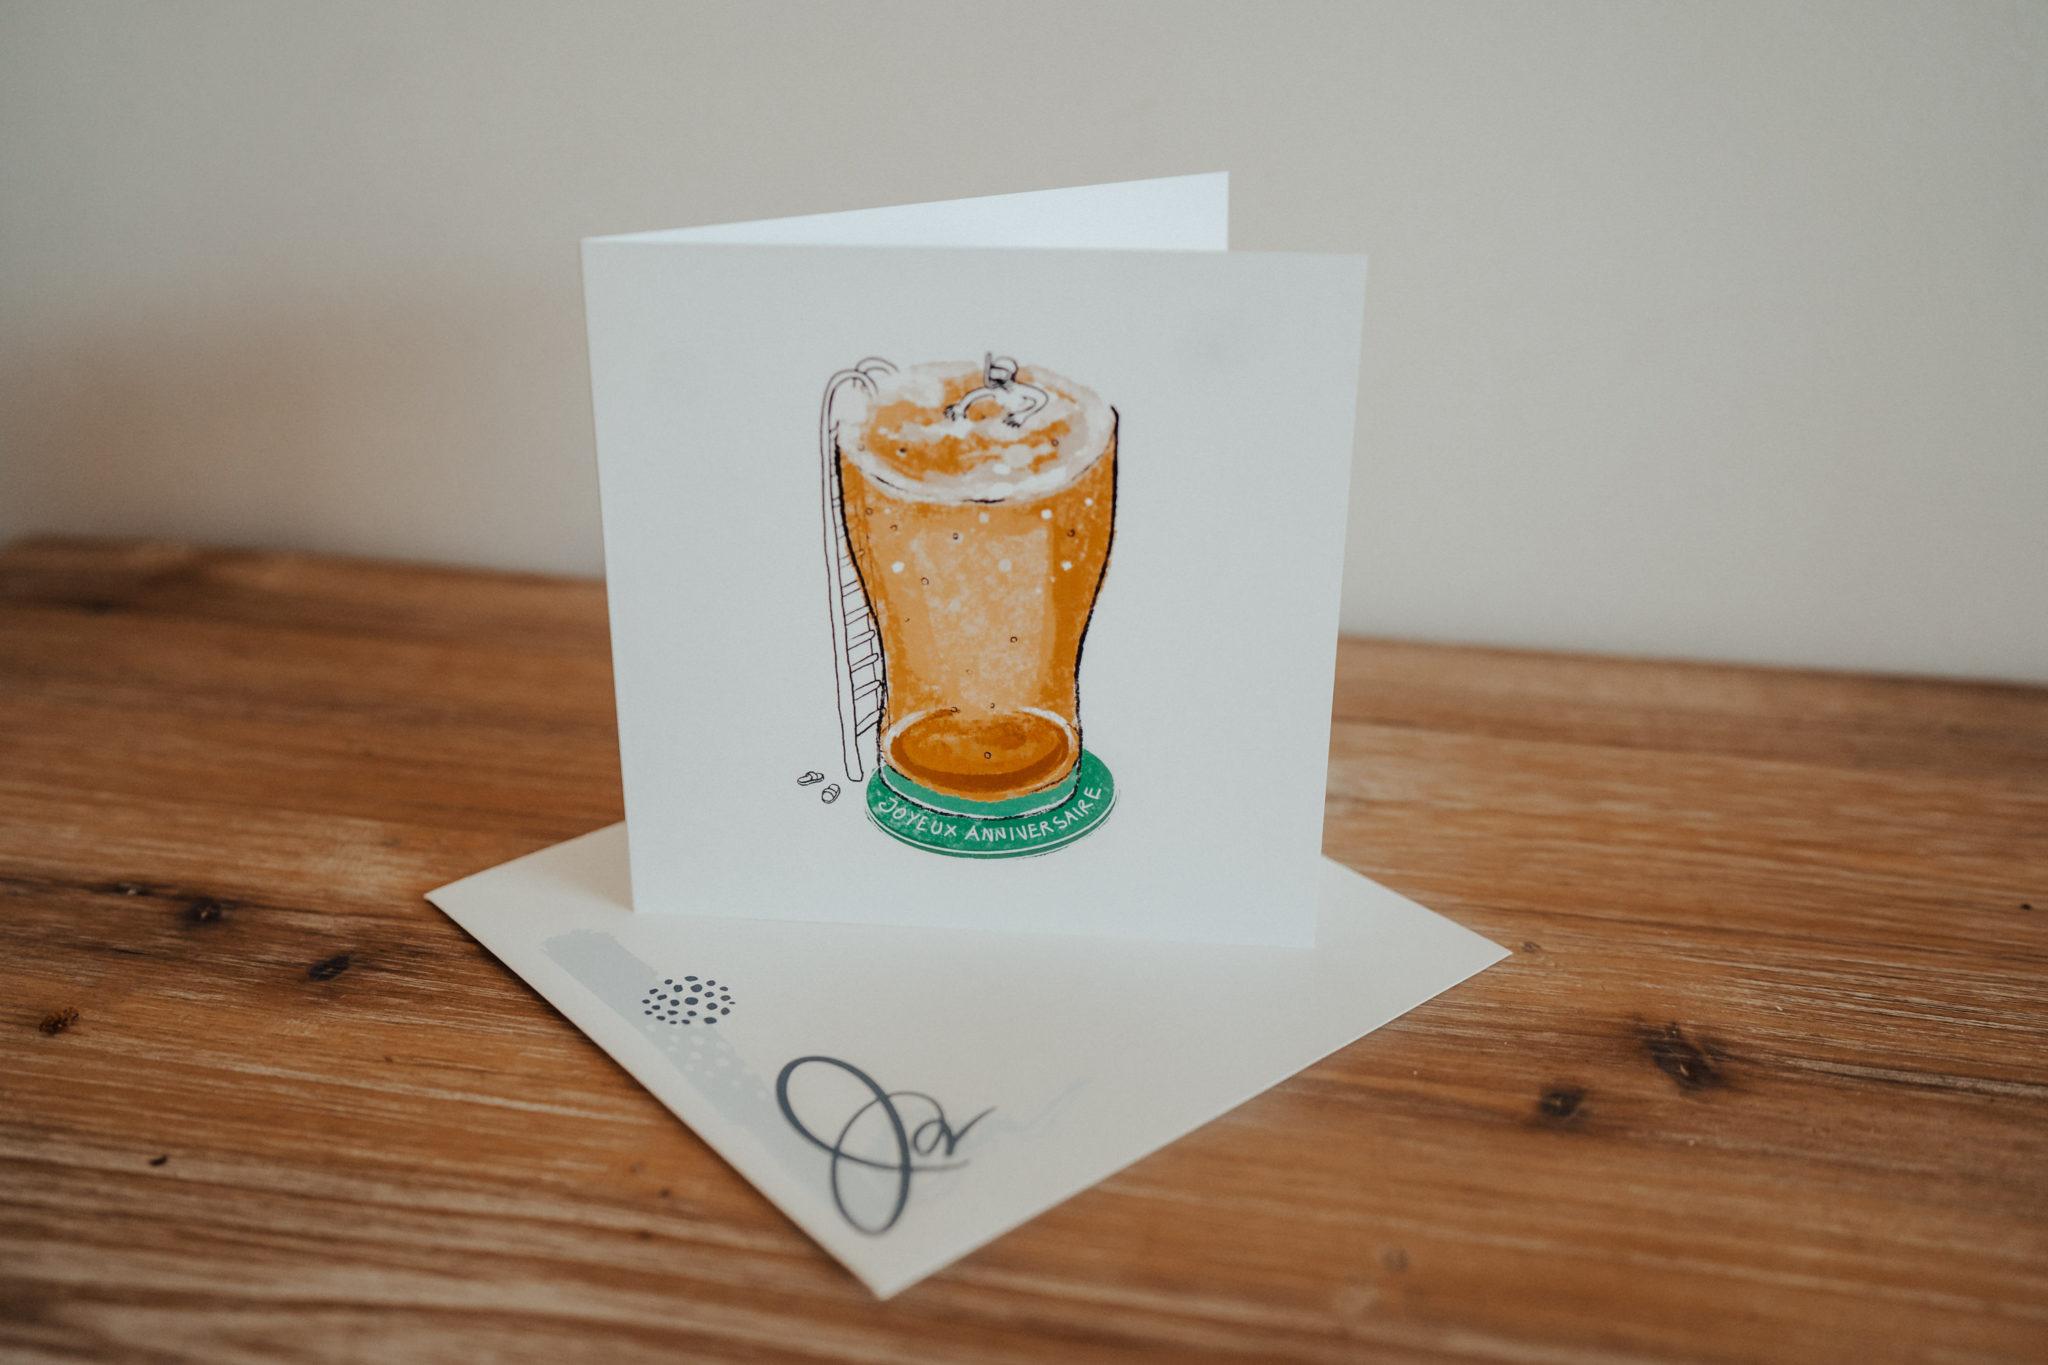 carte anniversaire avec piscine pinte de biere